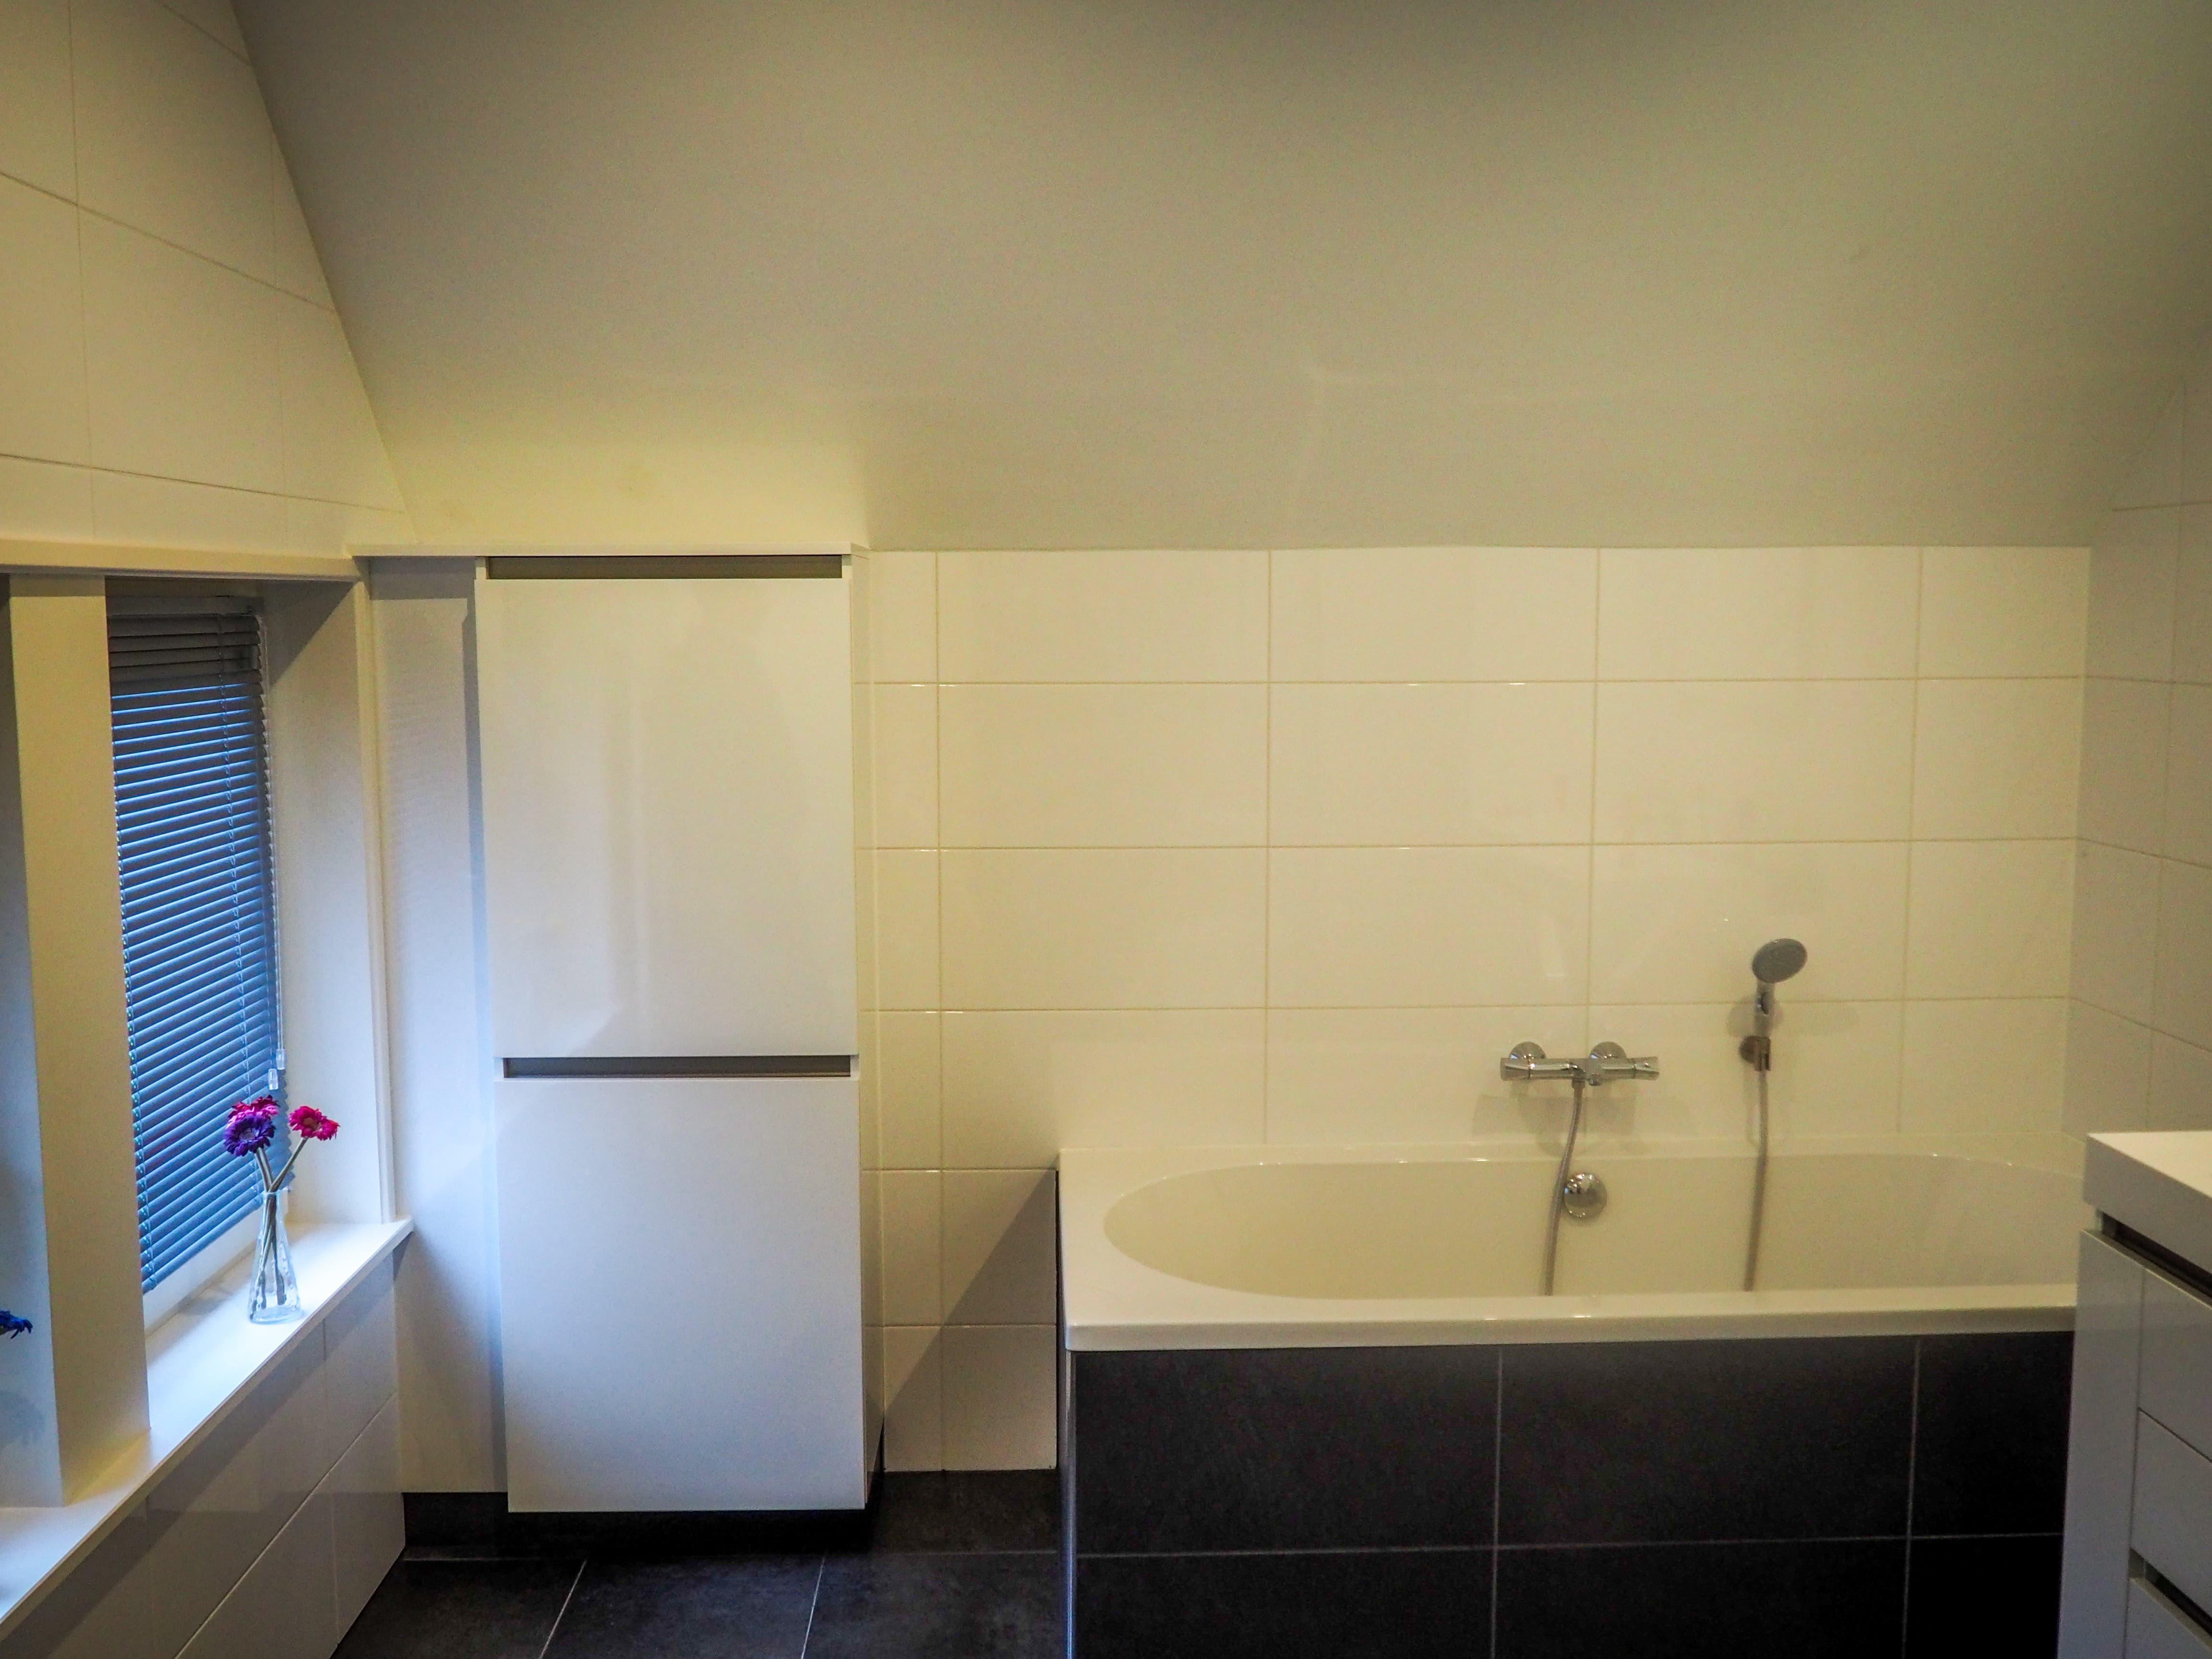 Bouw en onderhoud woning, badkamer Siddeburen / Groningen